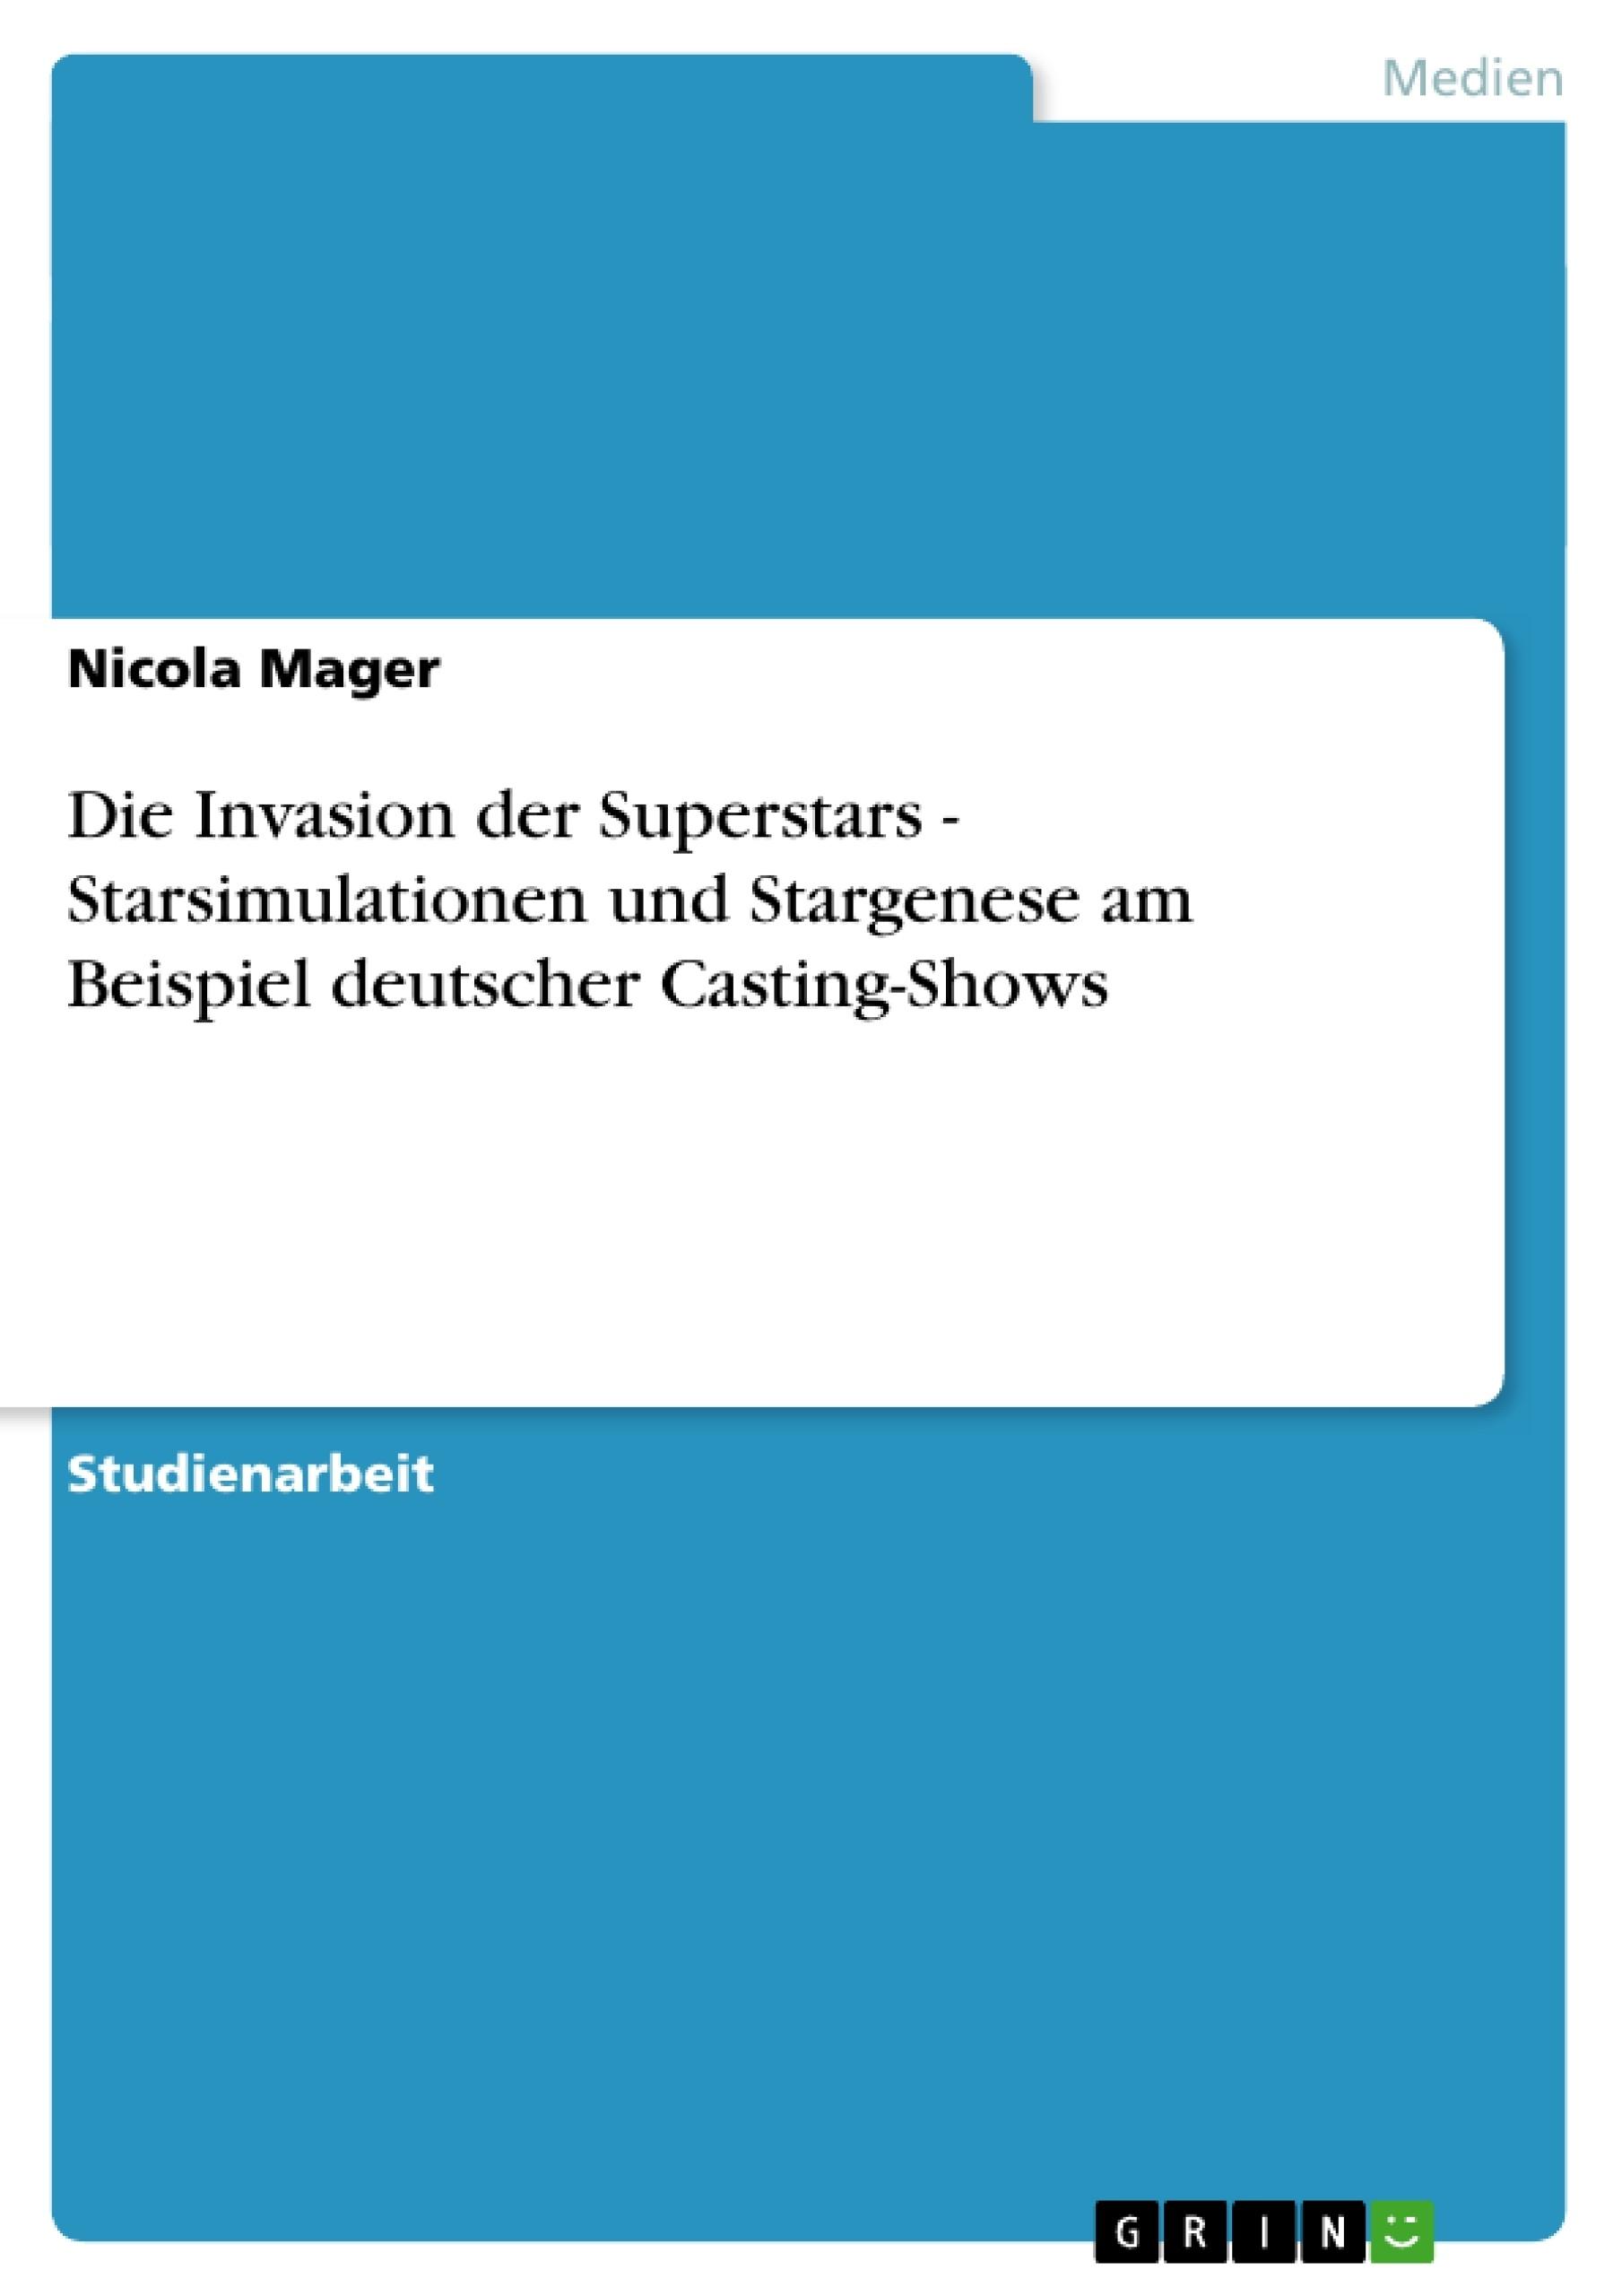 Titel: Die Invasion der Superstars - Starsimulationen und Stargenese am Beispiel deutscher Casting-Shows